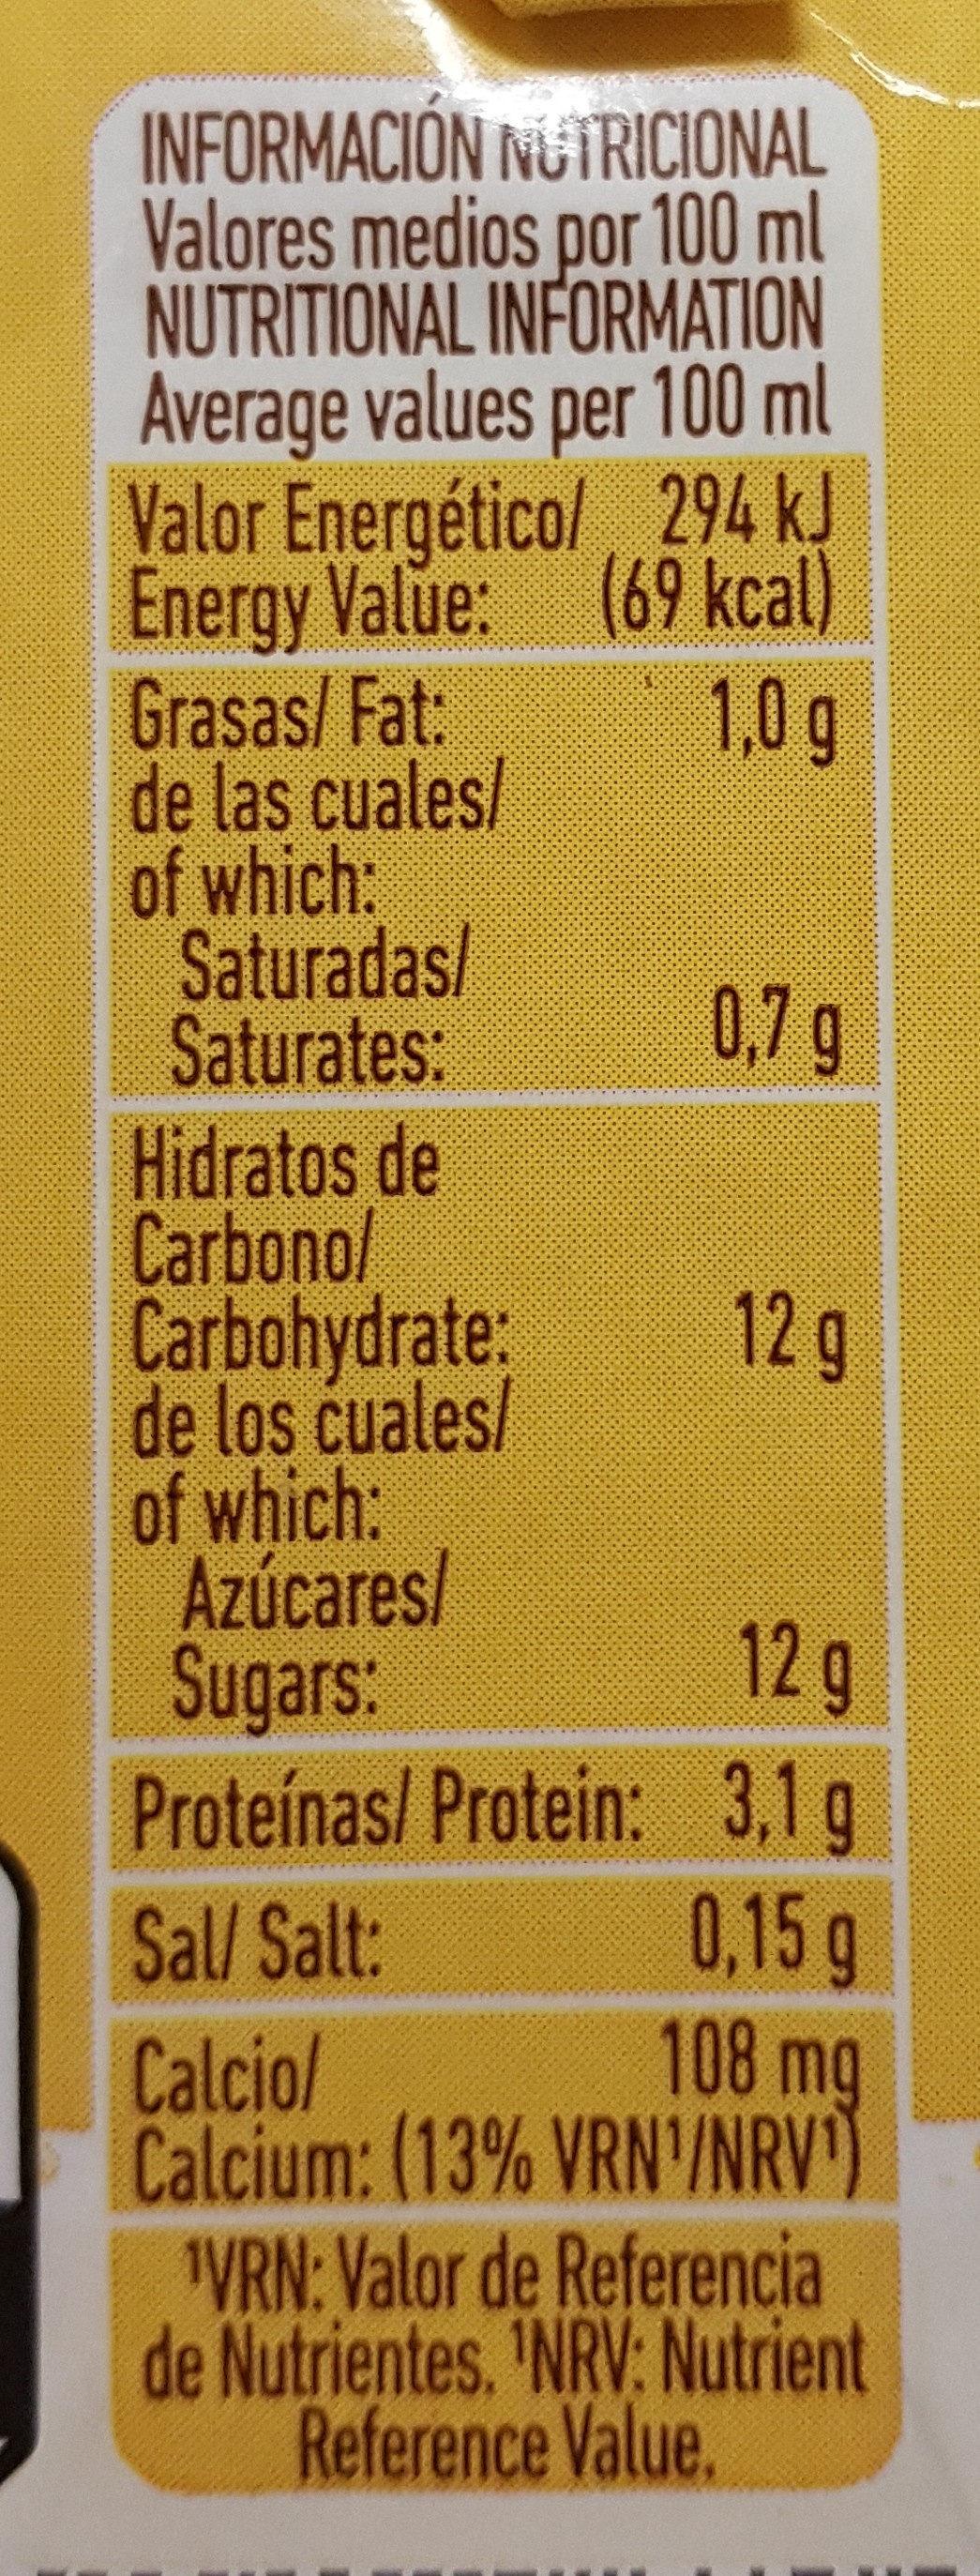 Batido sabor vainilla - Información nutricional - es